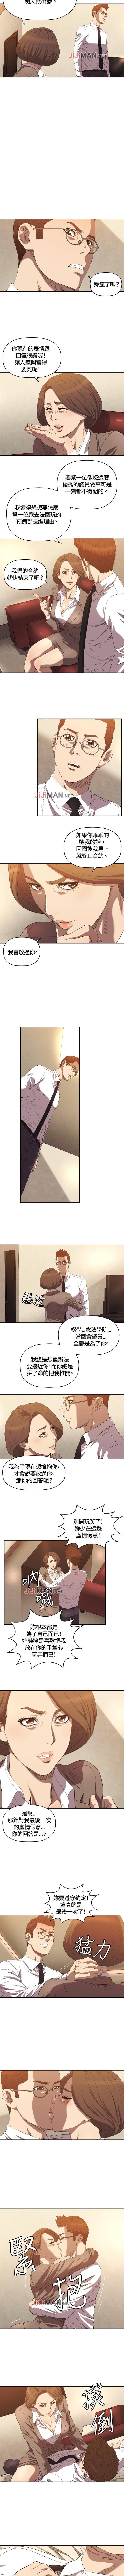 【已完结】索多玛俱乐部(作者:何藝媛&庫奈尼) 第1~32话 44